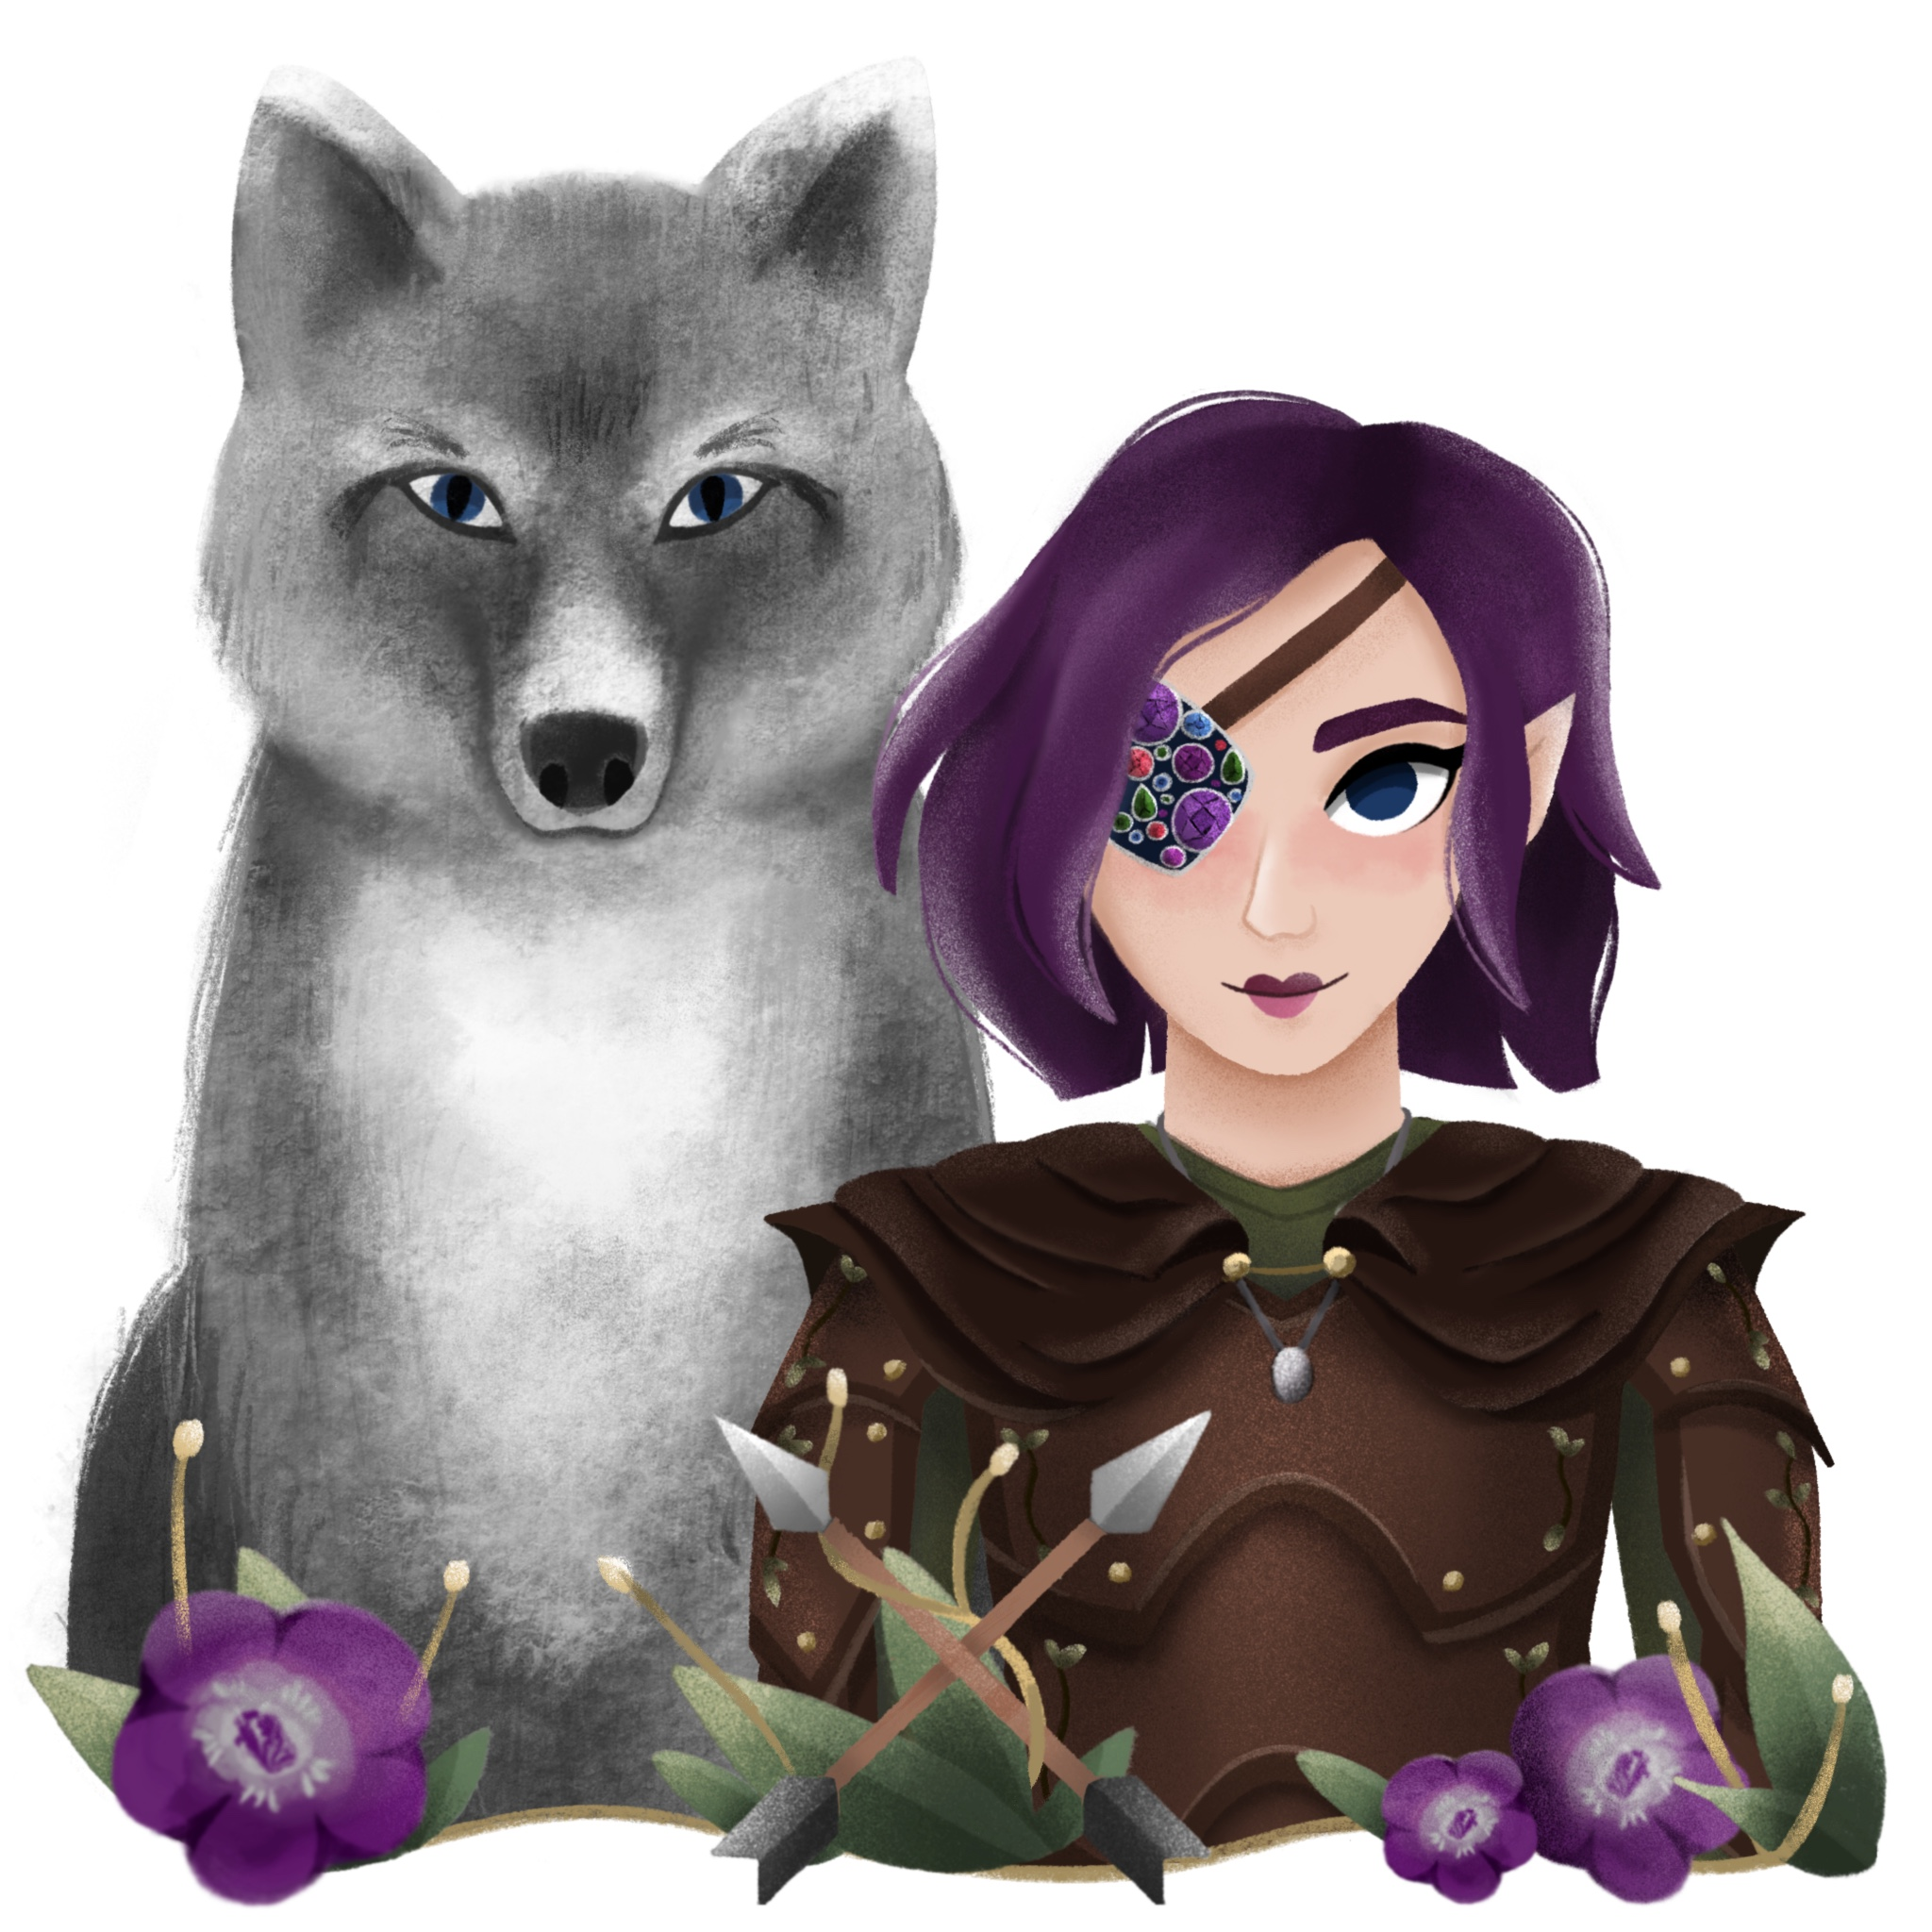 Original character belongs to Kaylee Pavel